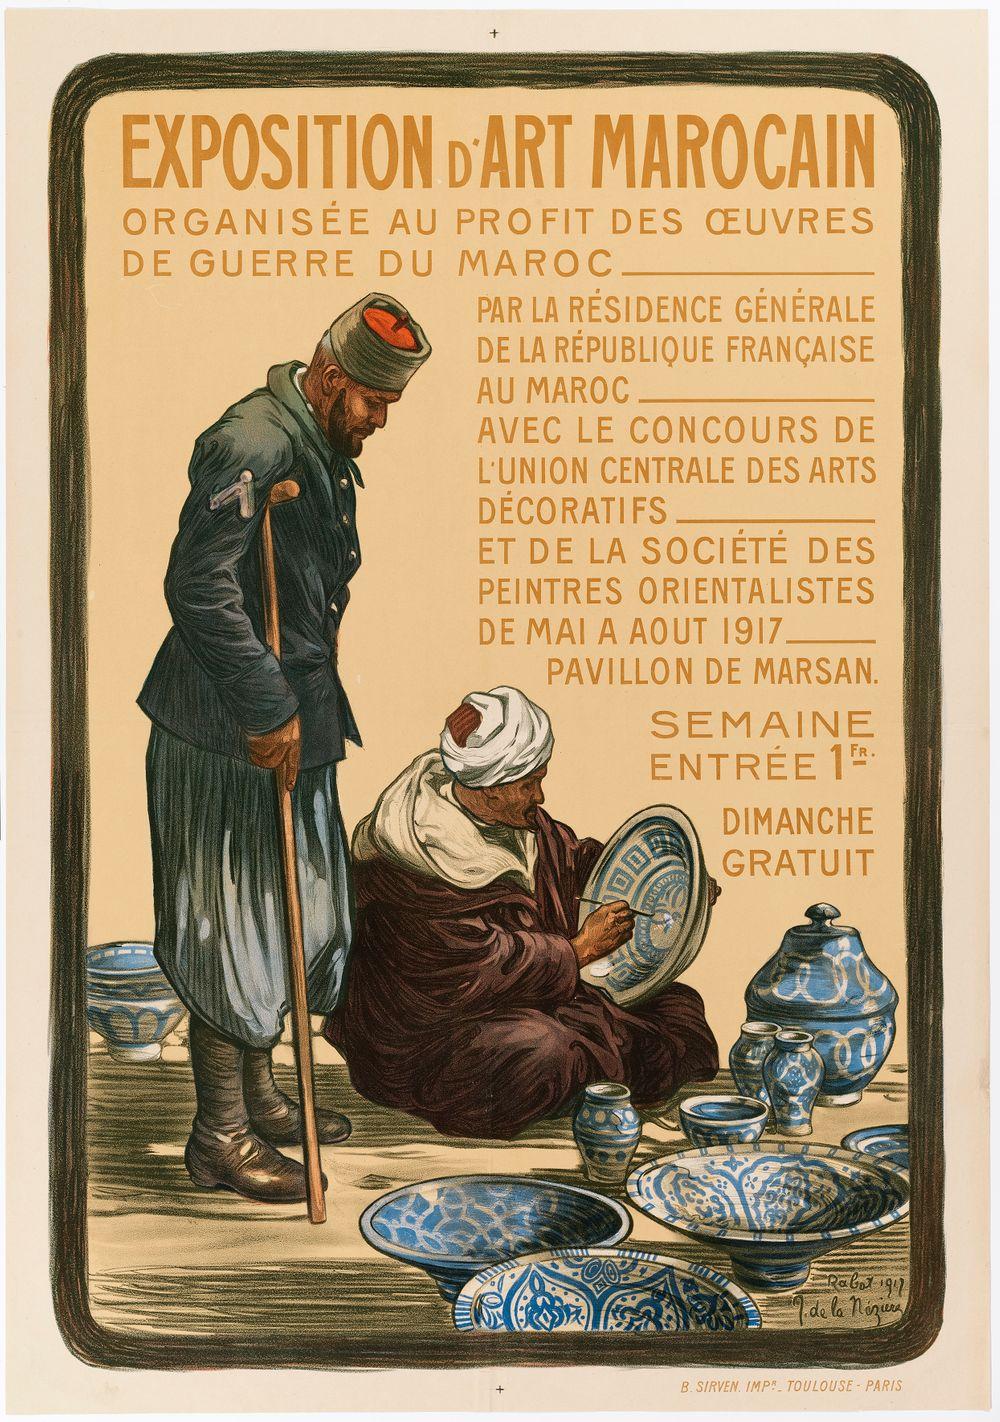 Exposition d'Art Marocain (juliste)